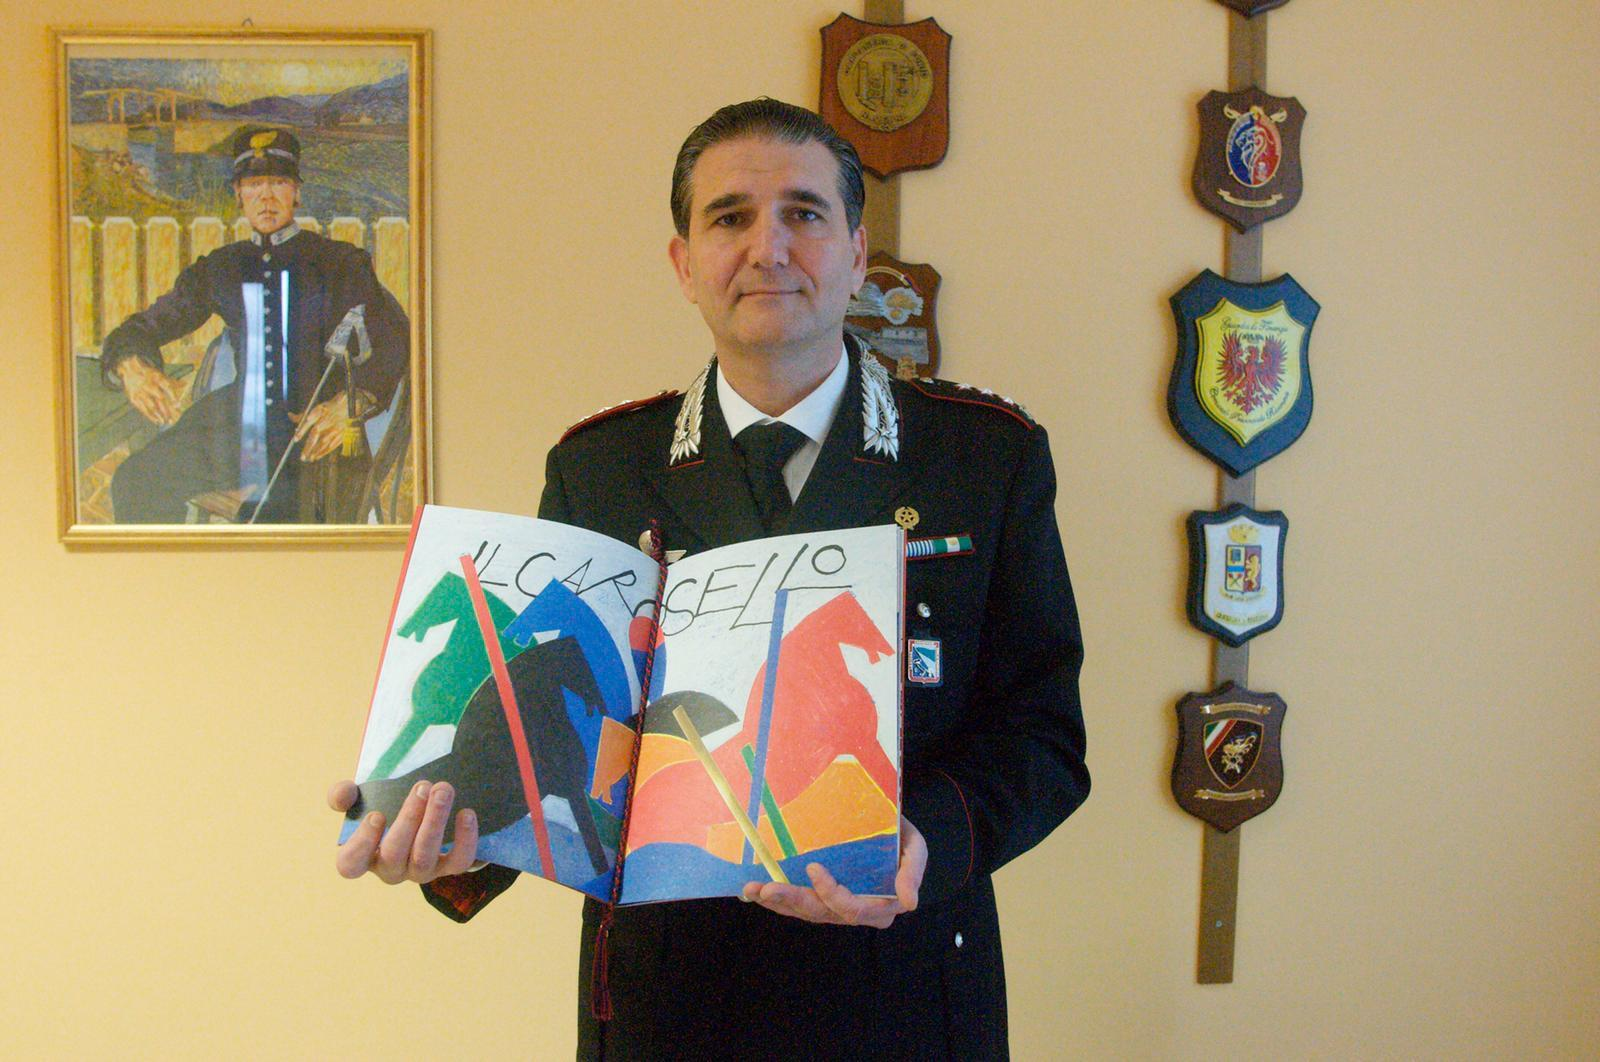 Presentato anche a Ravenna il Calendario dell'Arma 2020